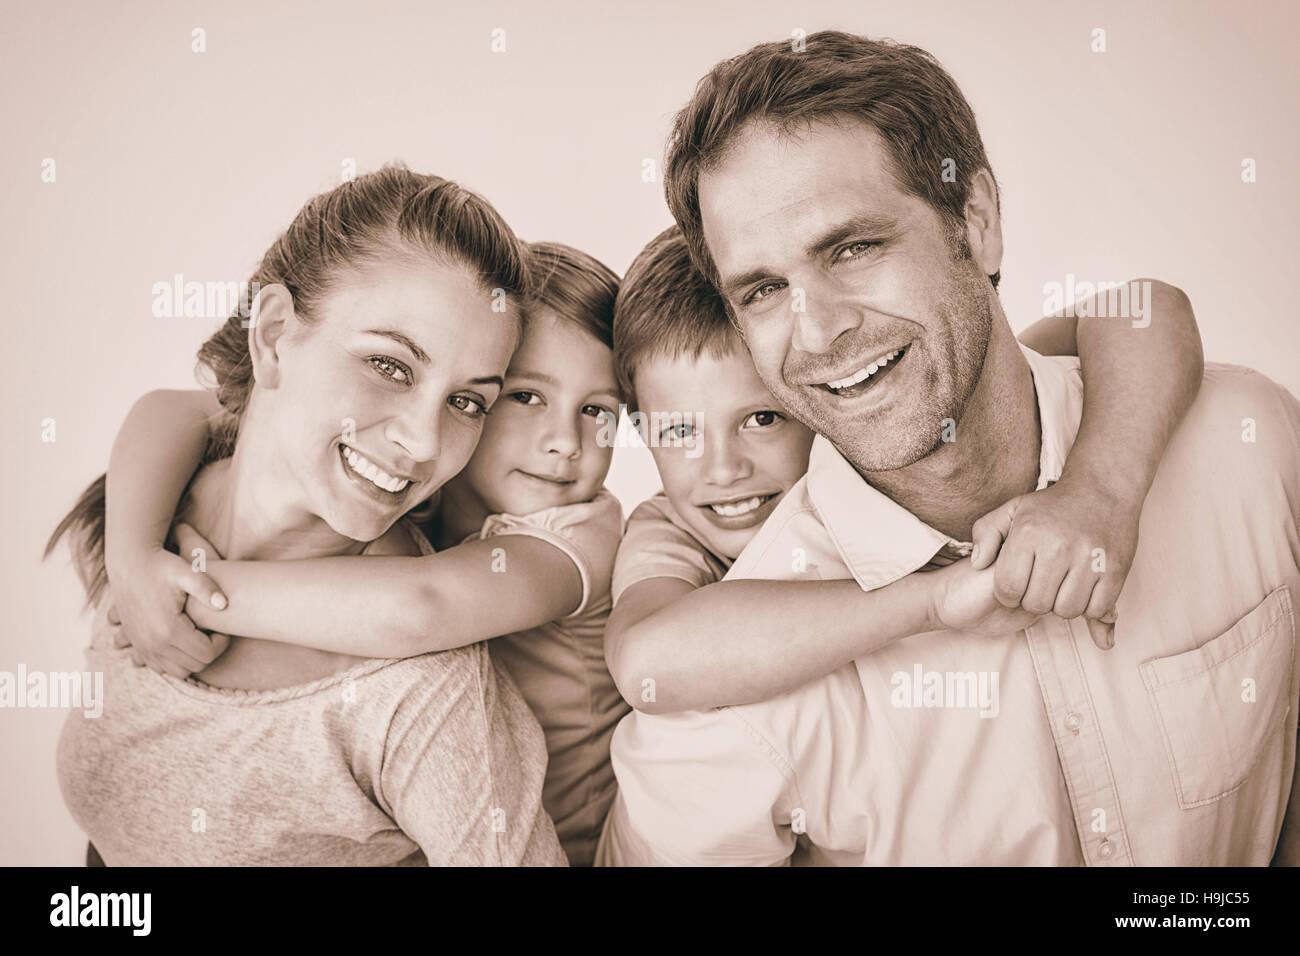 Sorridente giovane famiglia guardando la fotocamera insieme Immagini Stock